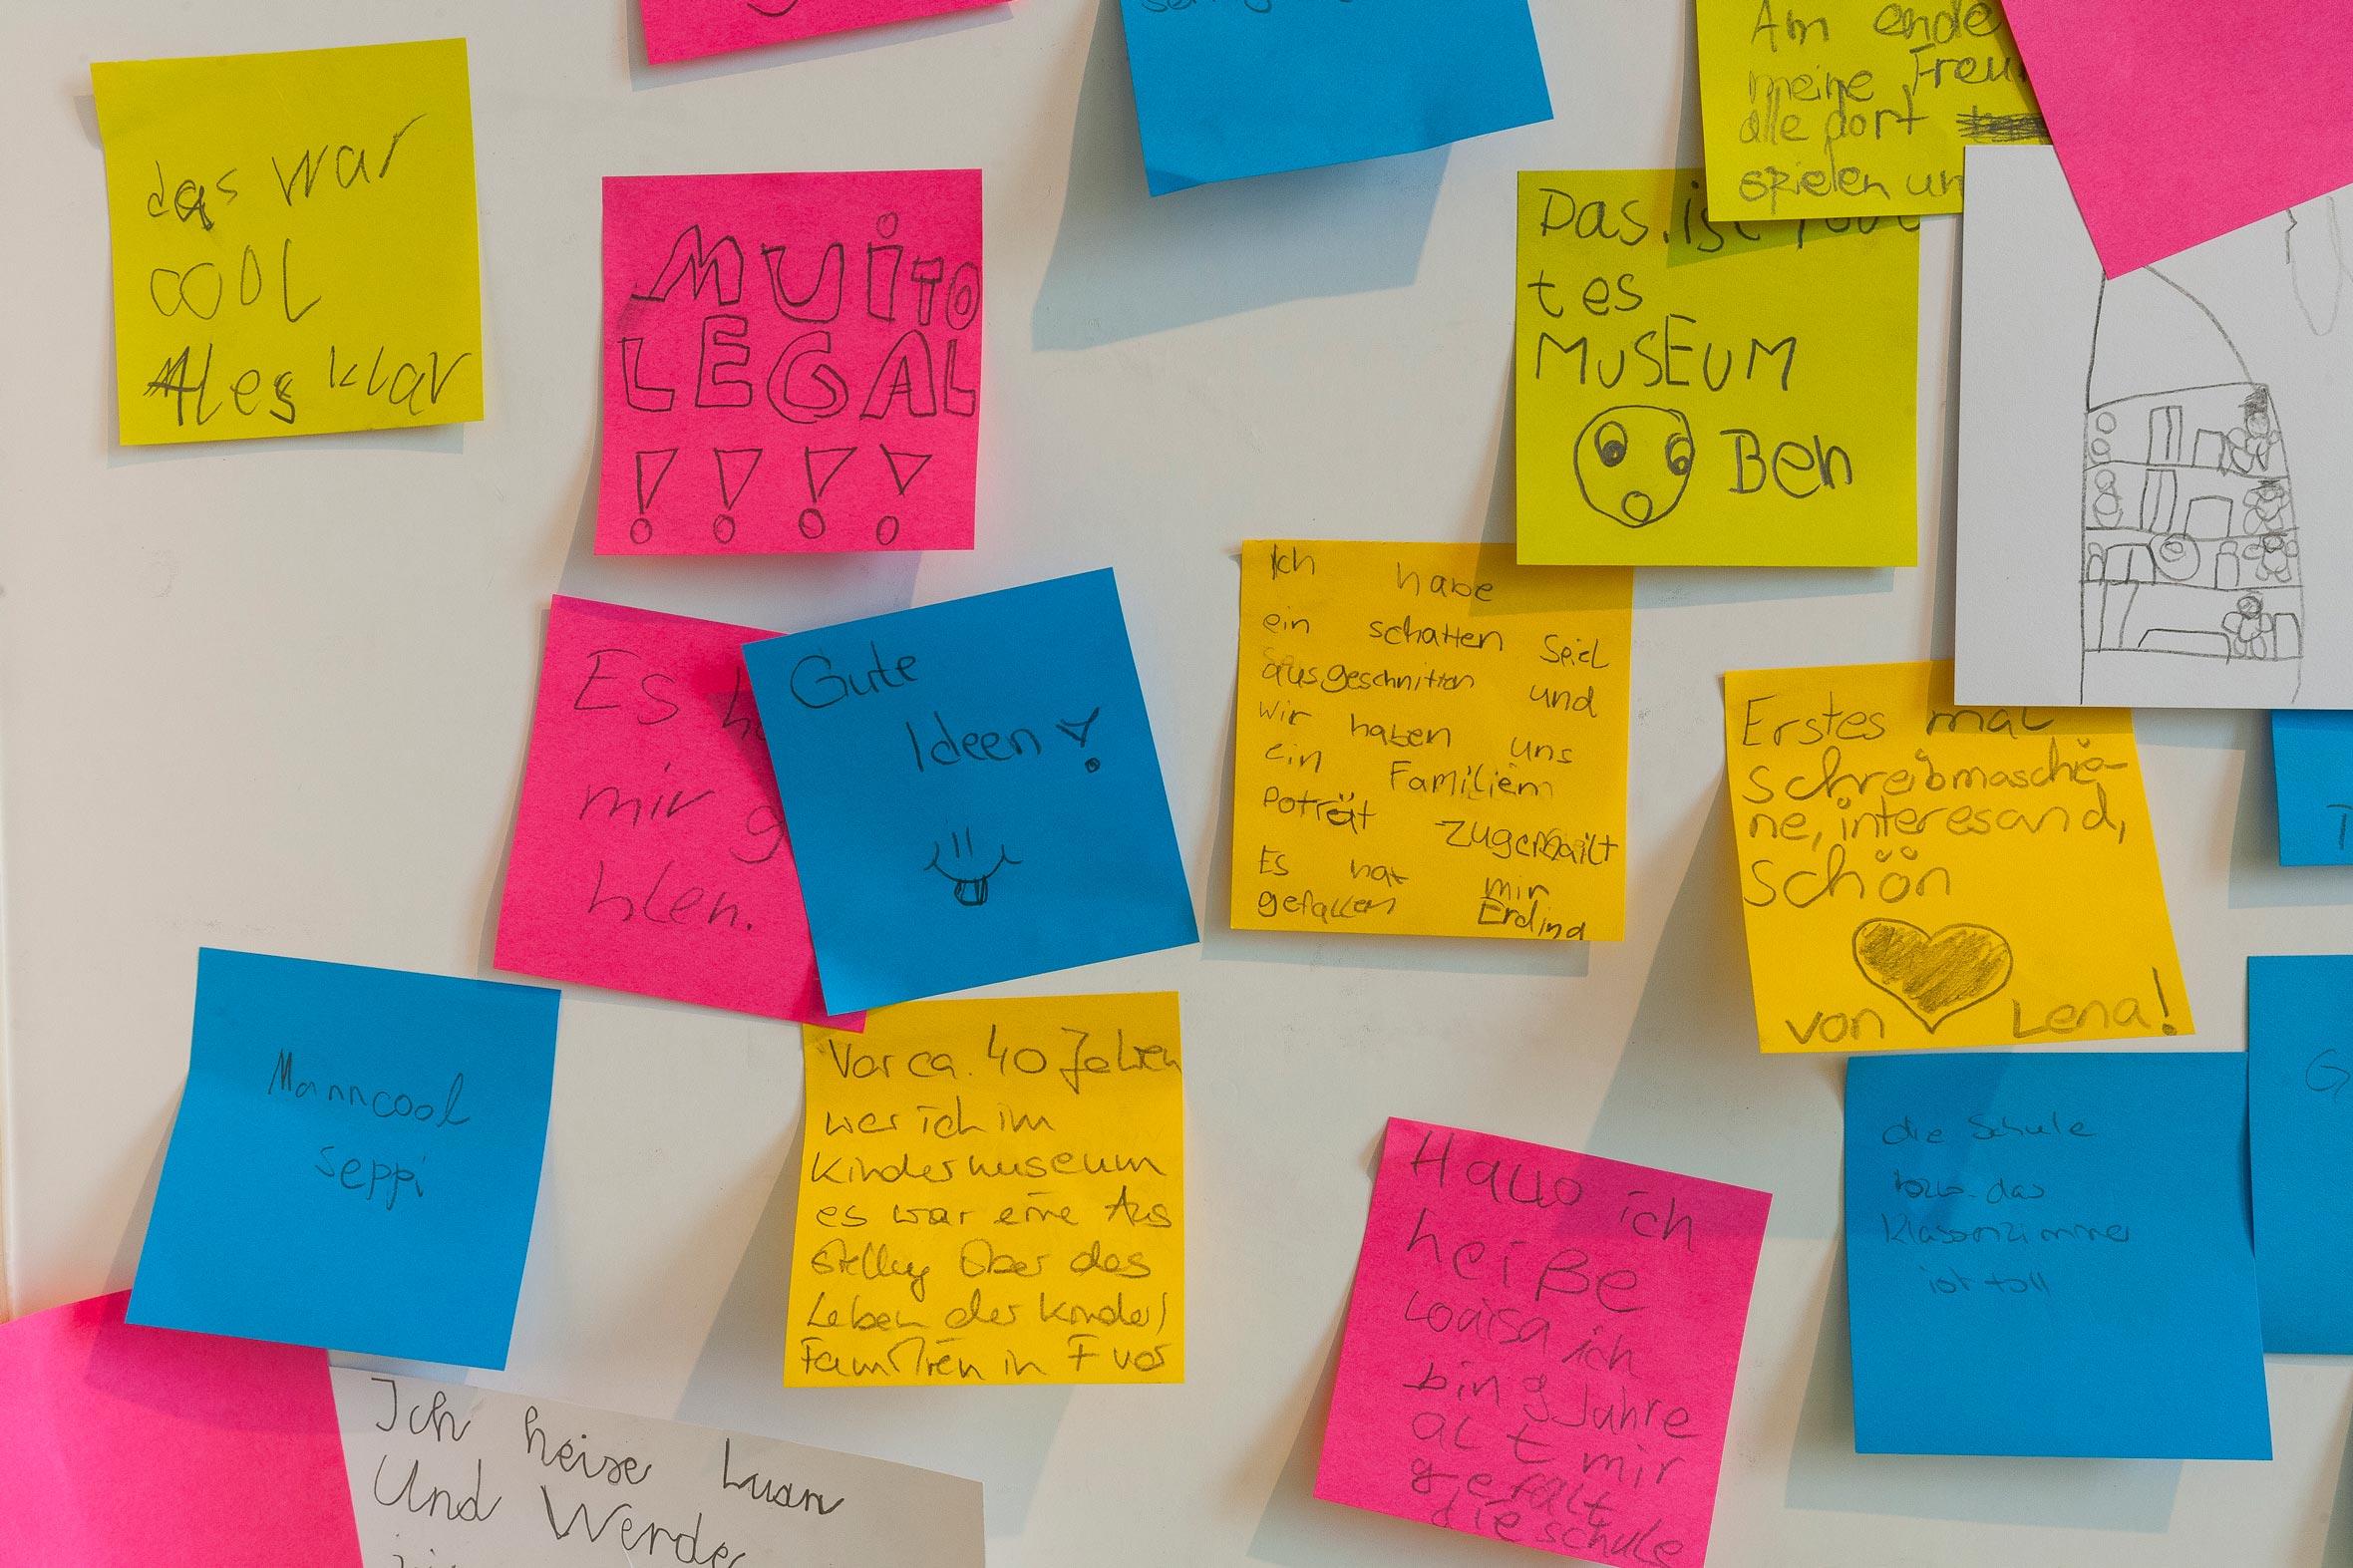 Tonia Bürkle (blaugrau): WOW! Das Beste aus 45 Jahren Kindermuseum für Junges Museum Frankfurt 17